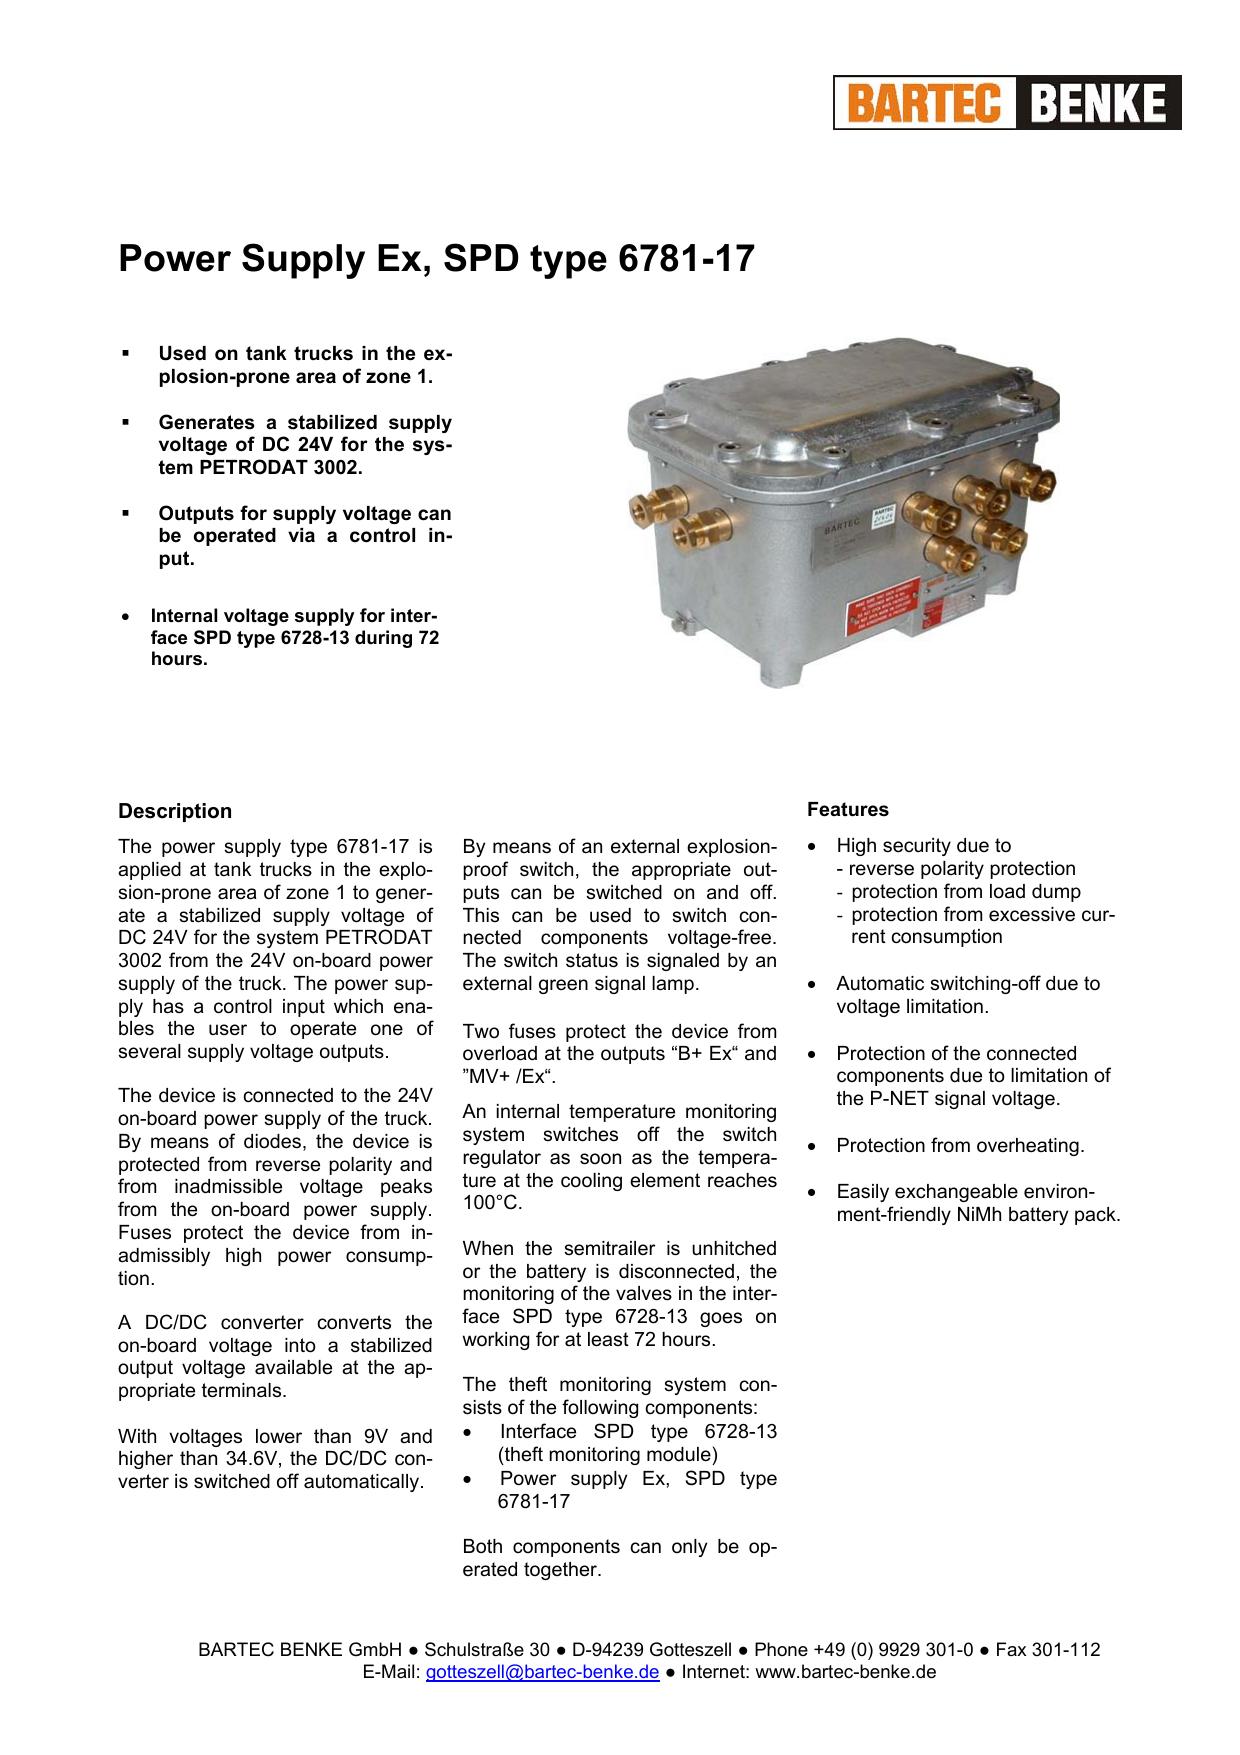 Power Supply Ex Spd Type 6781 17 Switching Voltage Regulator Types